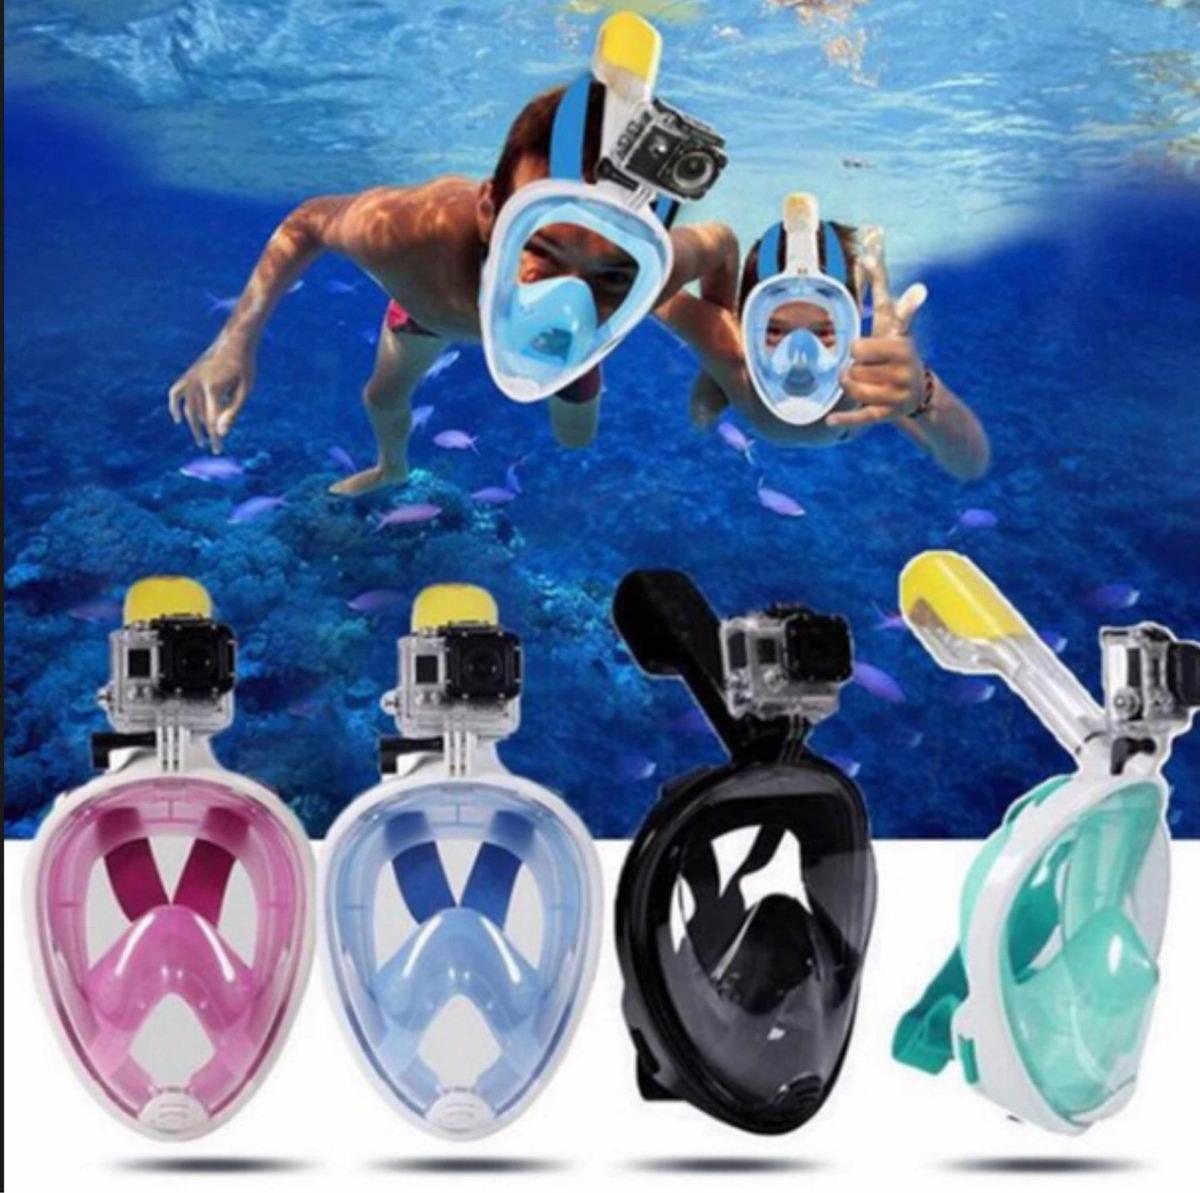 5bf7cc8a7 máscara de mergulho full face easybreath snorkel go pro. Carregando zoom.